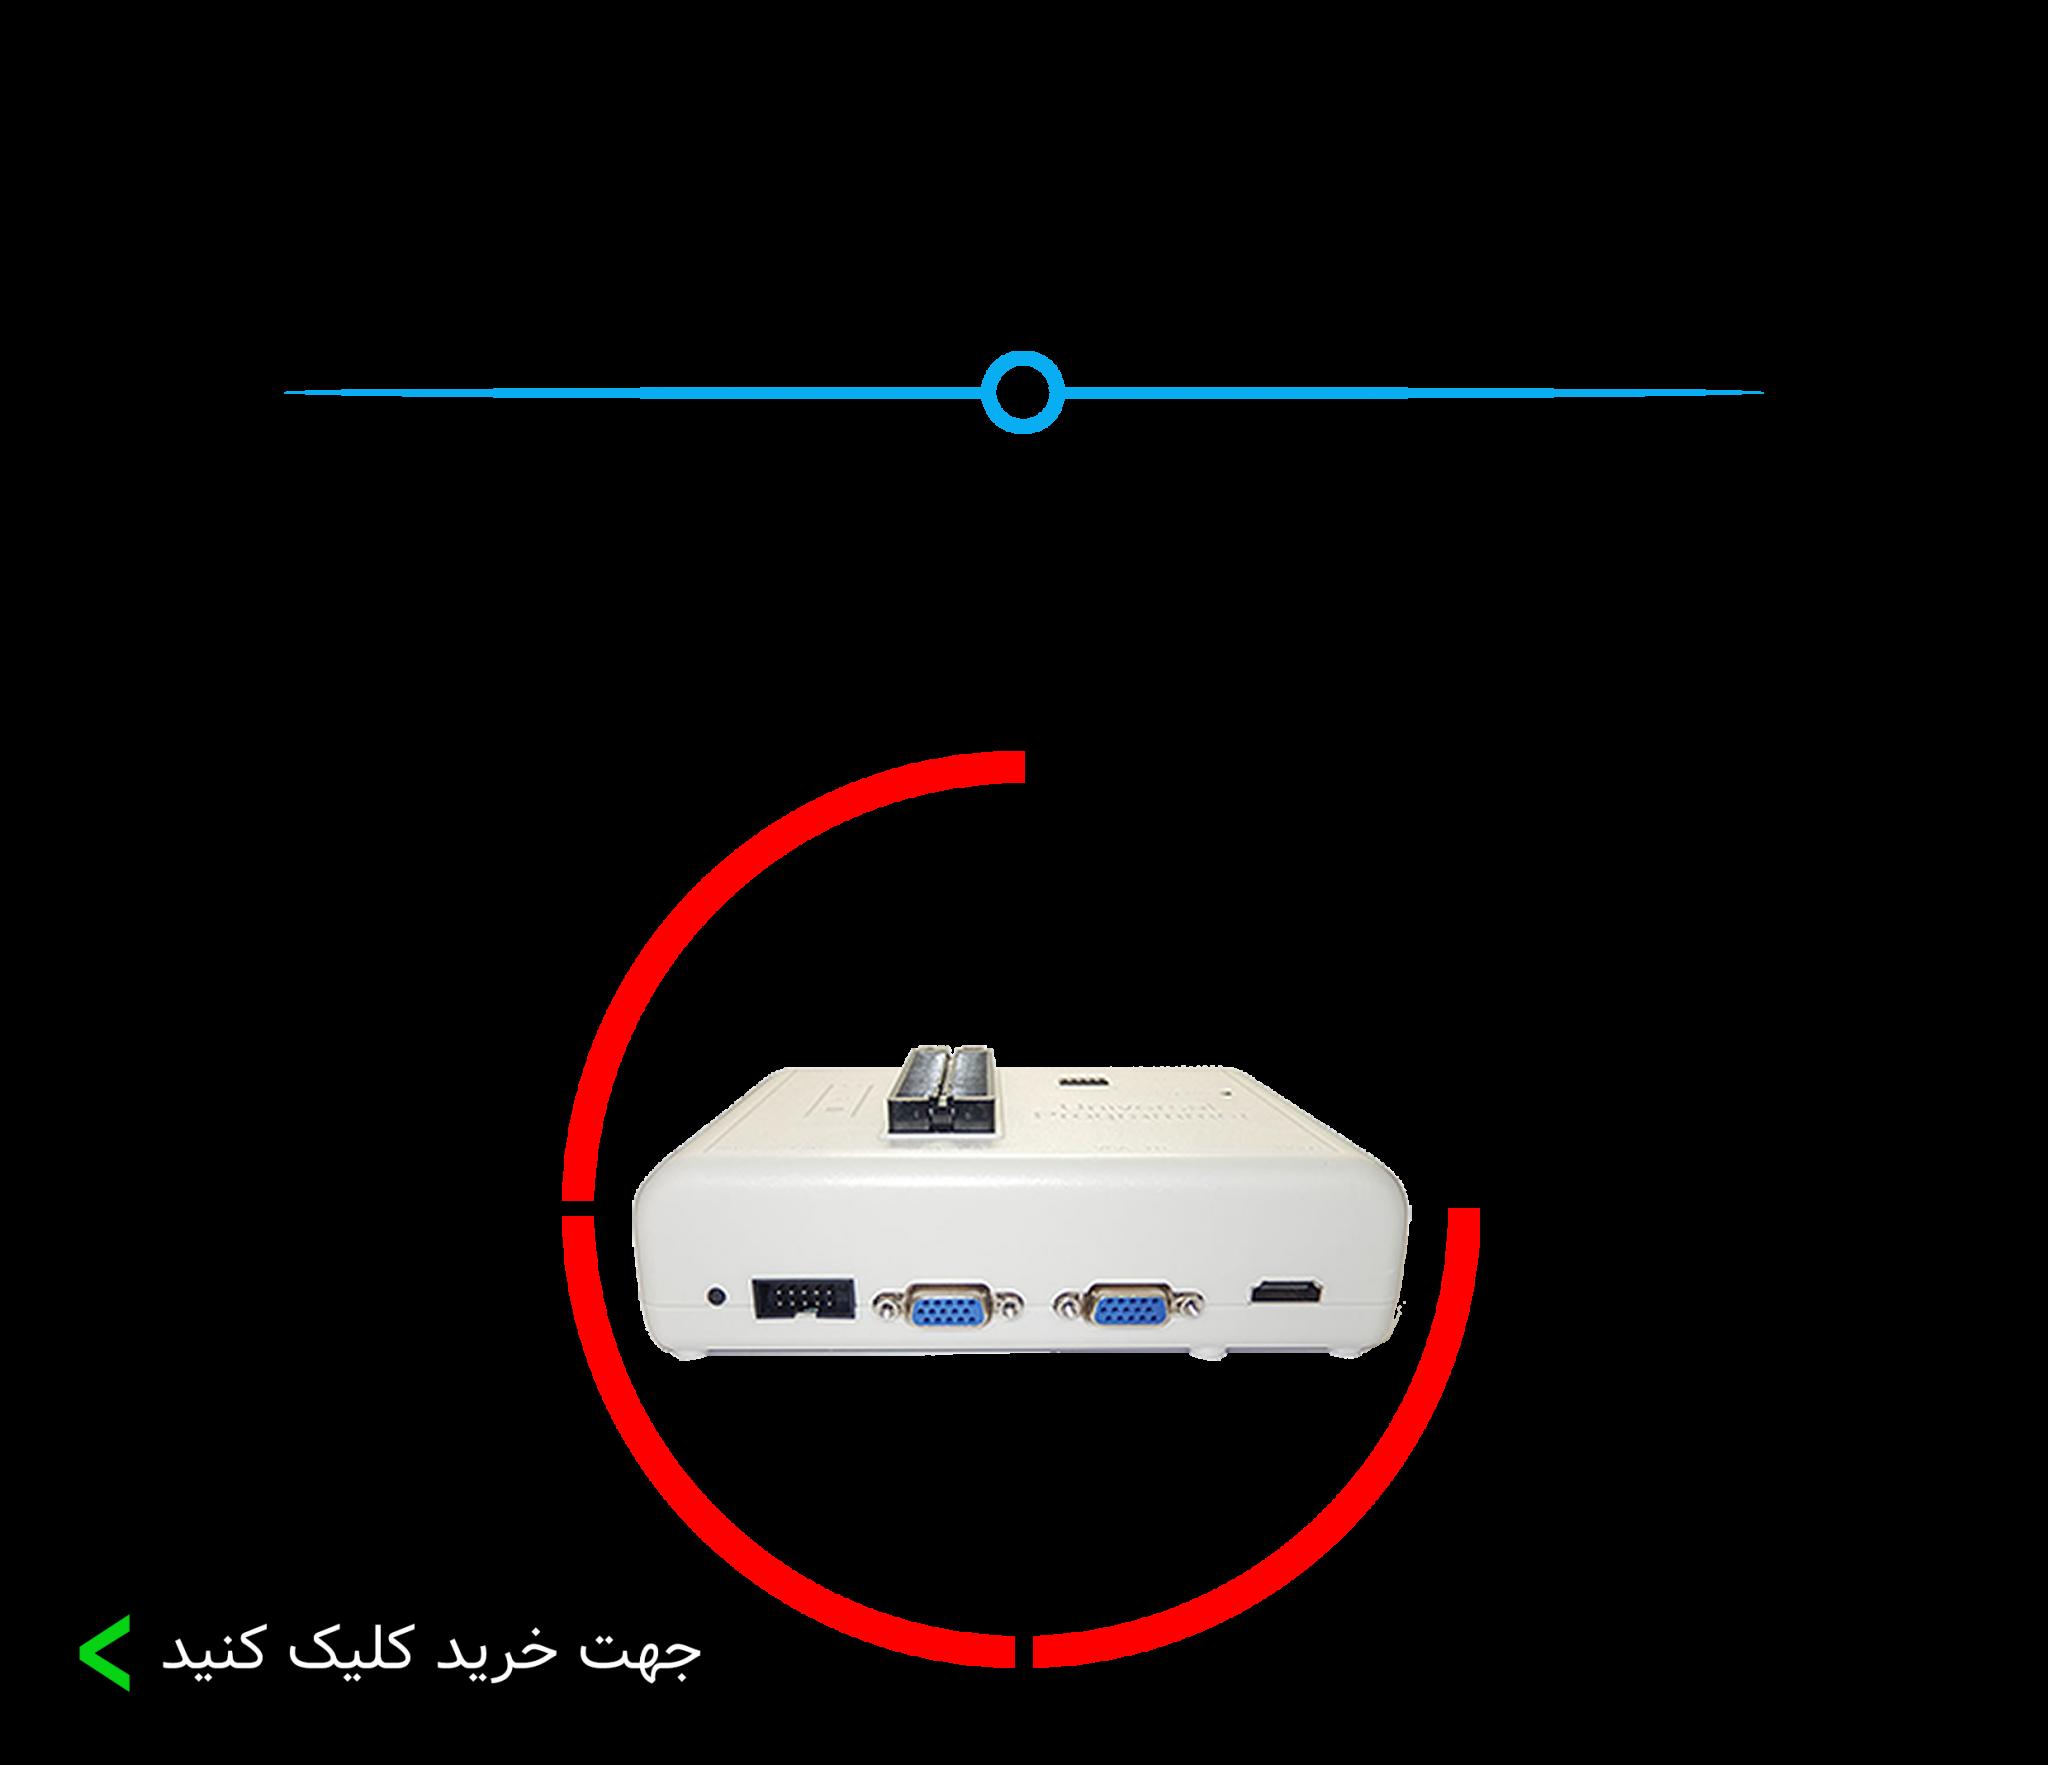 دستگاه پروگرامر RT809